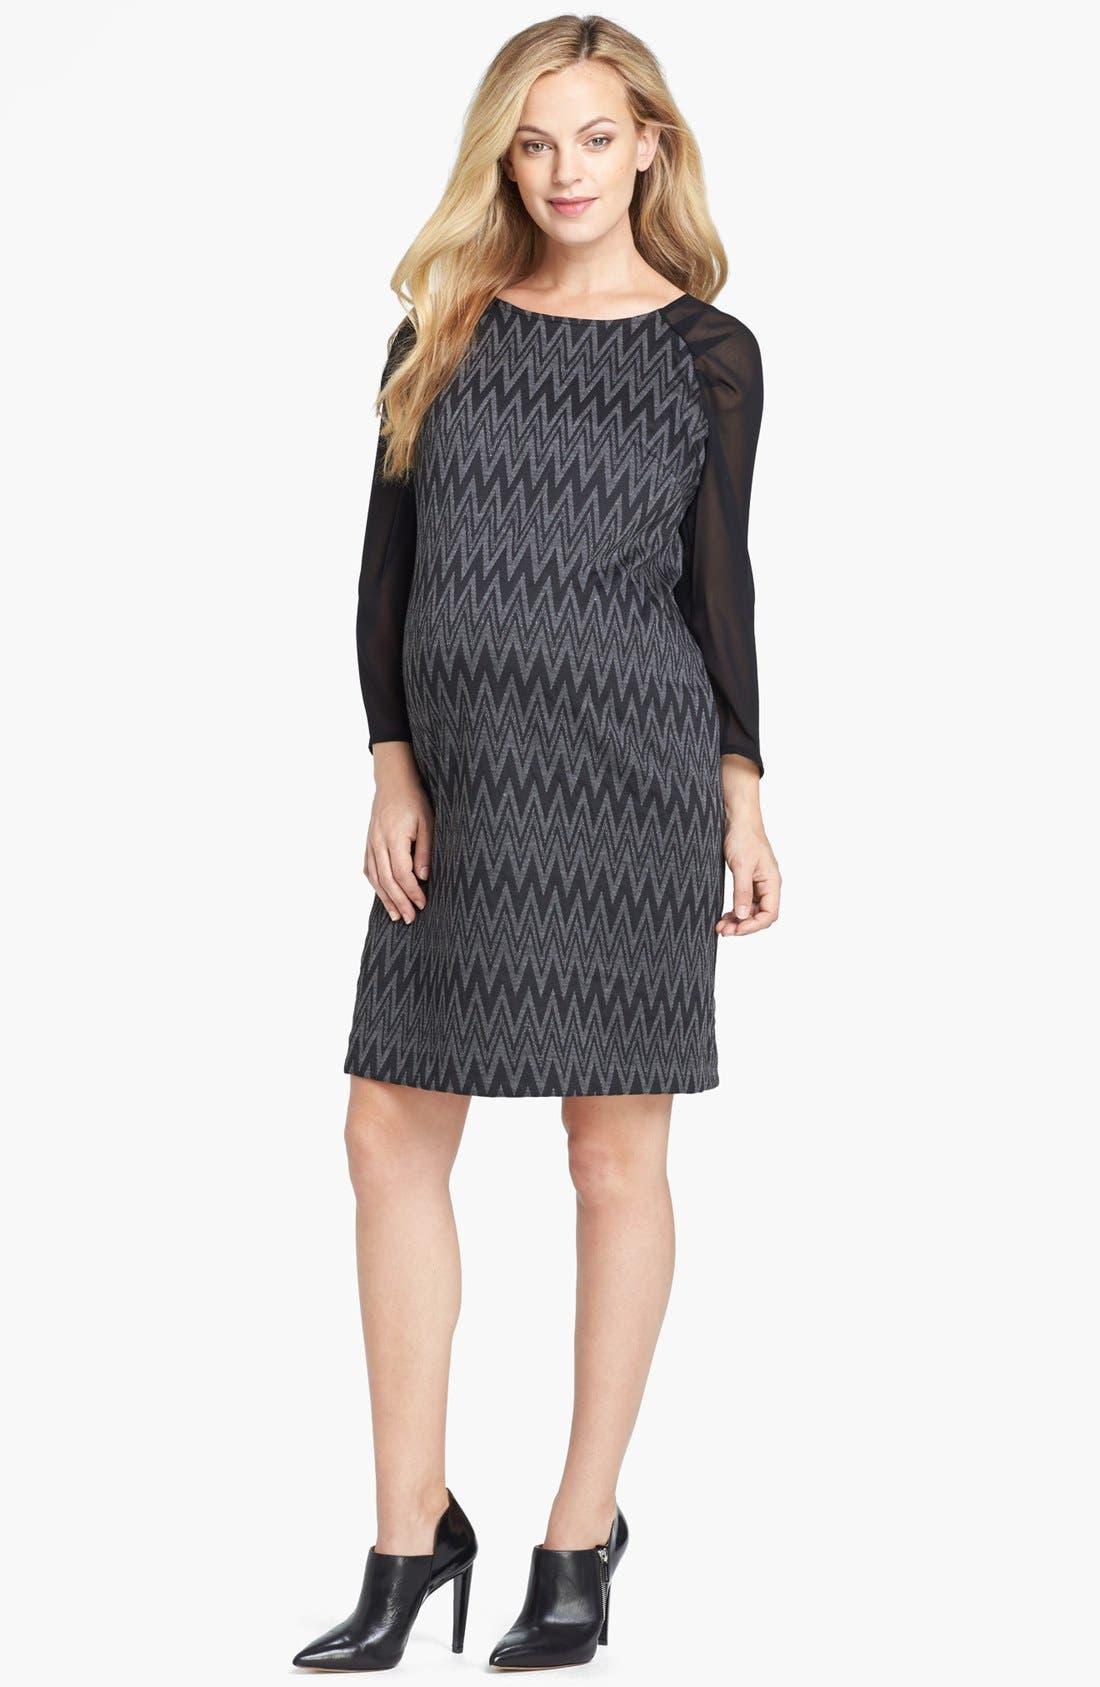 Chiffon Sleeve Maternity Dress,                             Main thumbnail 1, color,                             BLACK/ GREY ZIG ZAG